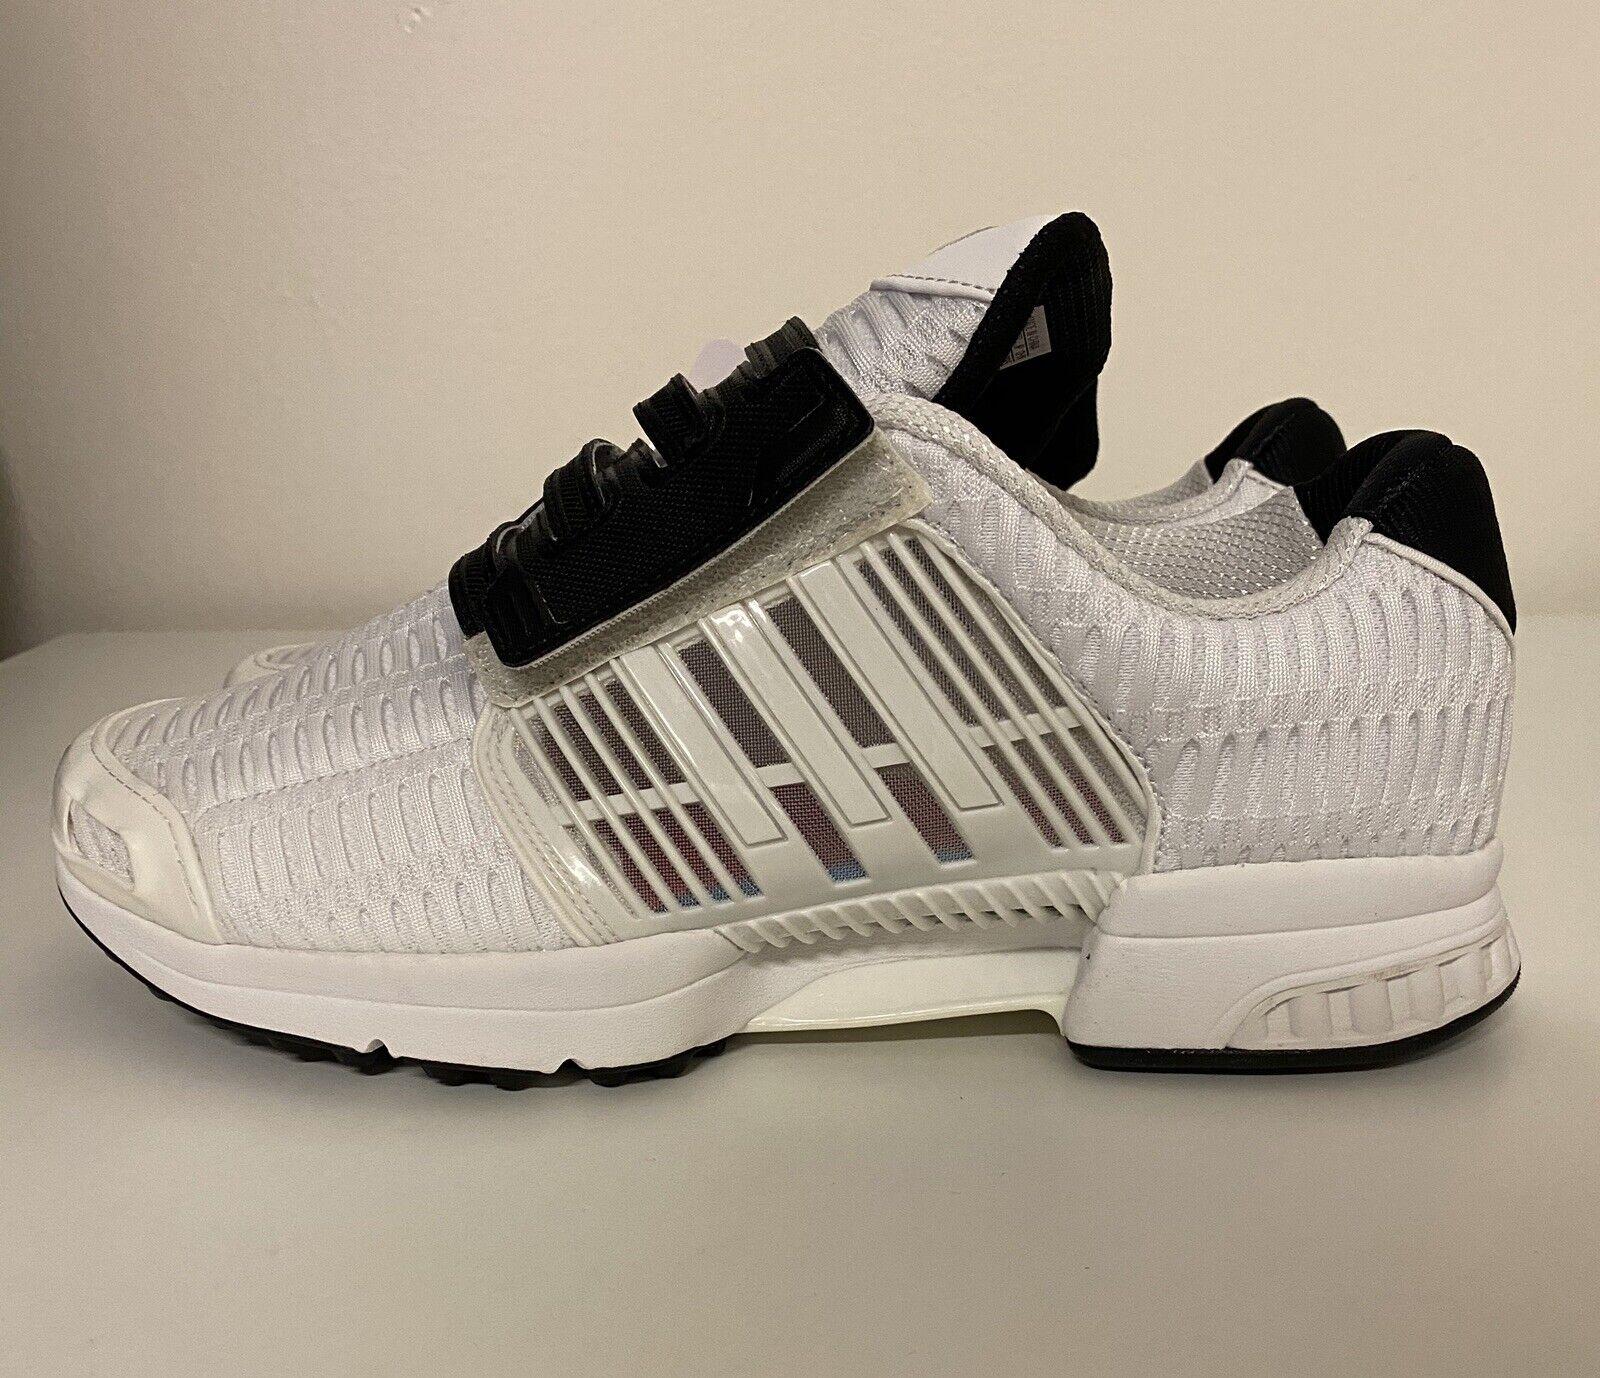 Size 9.5 - adidas Climacool 1 CMF White